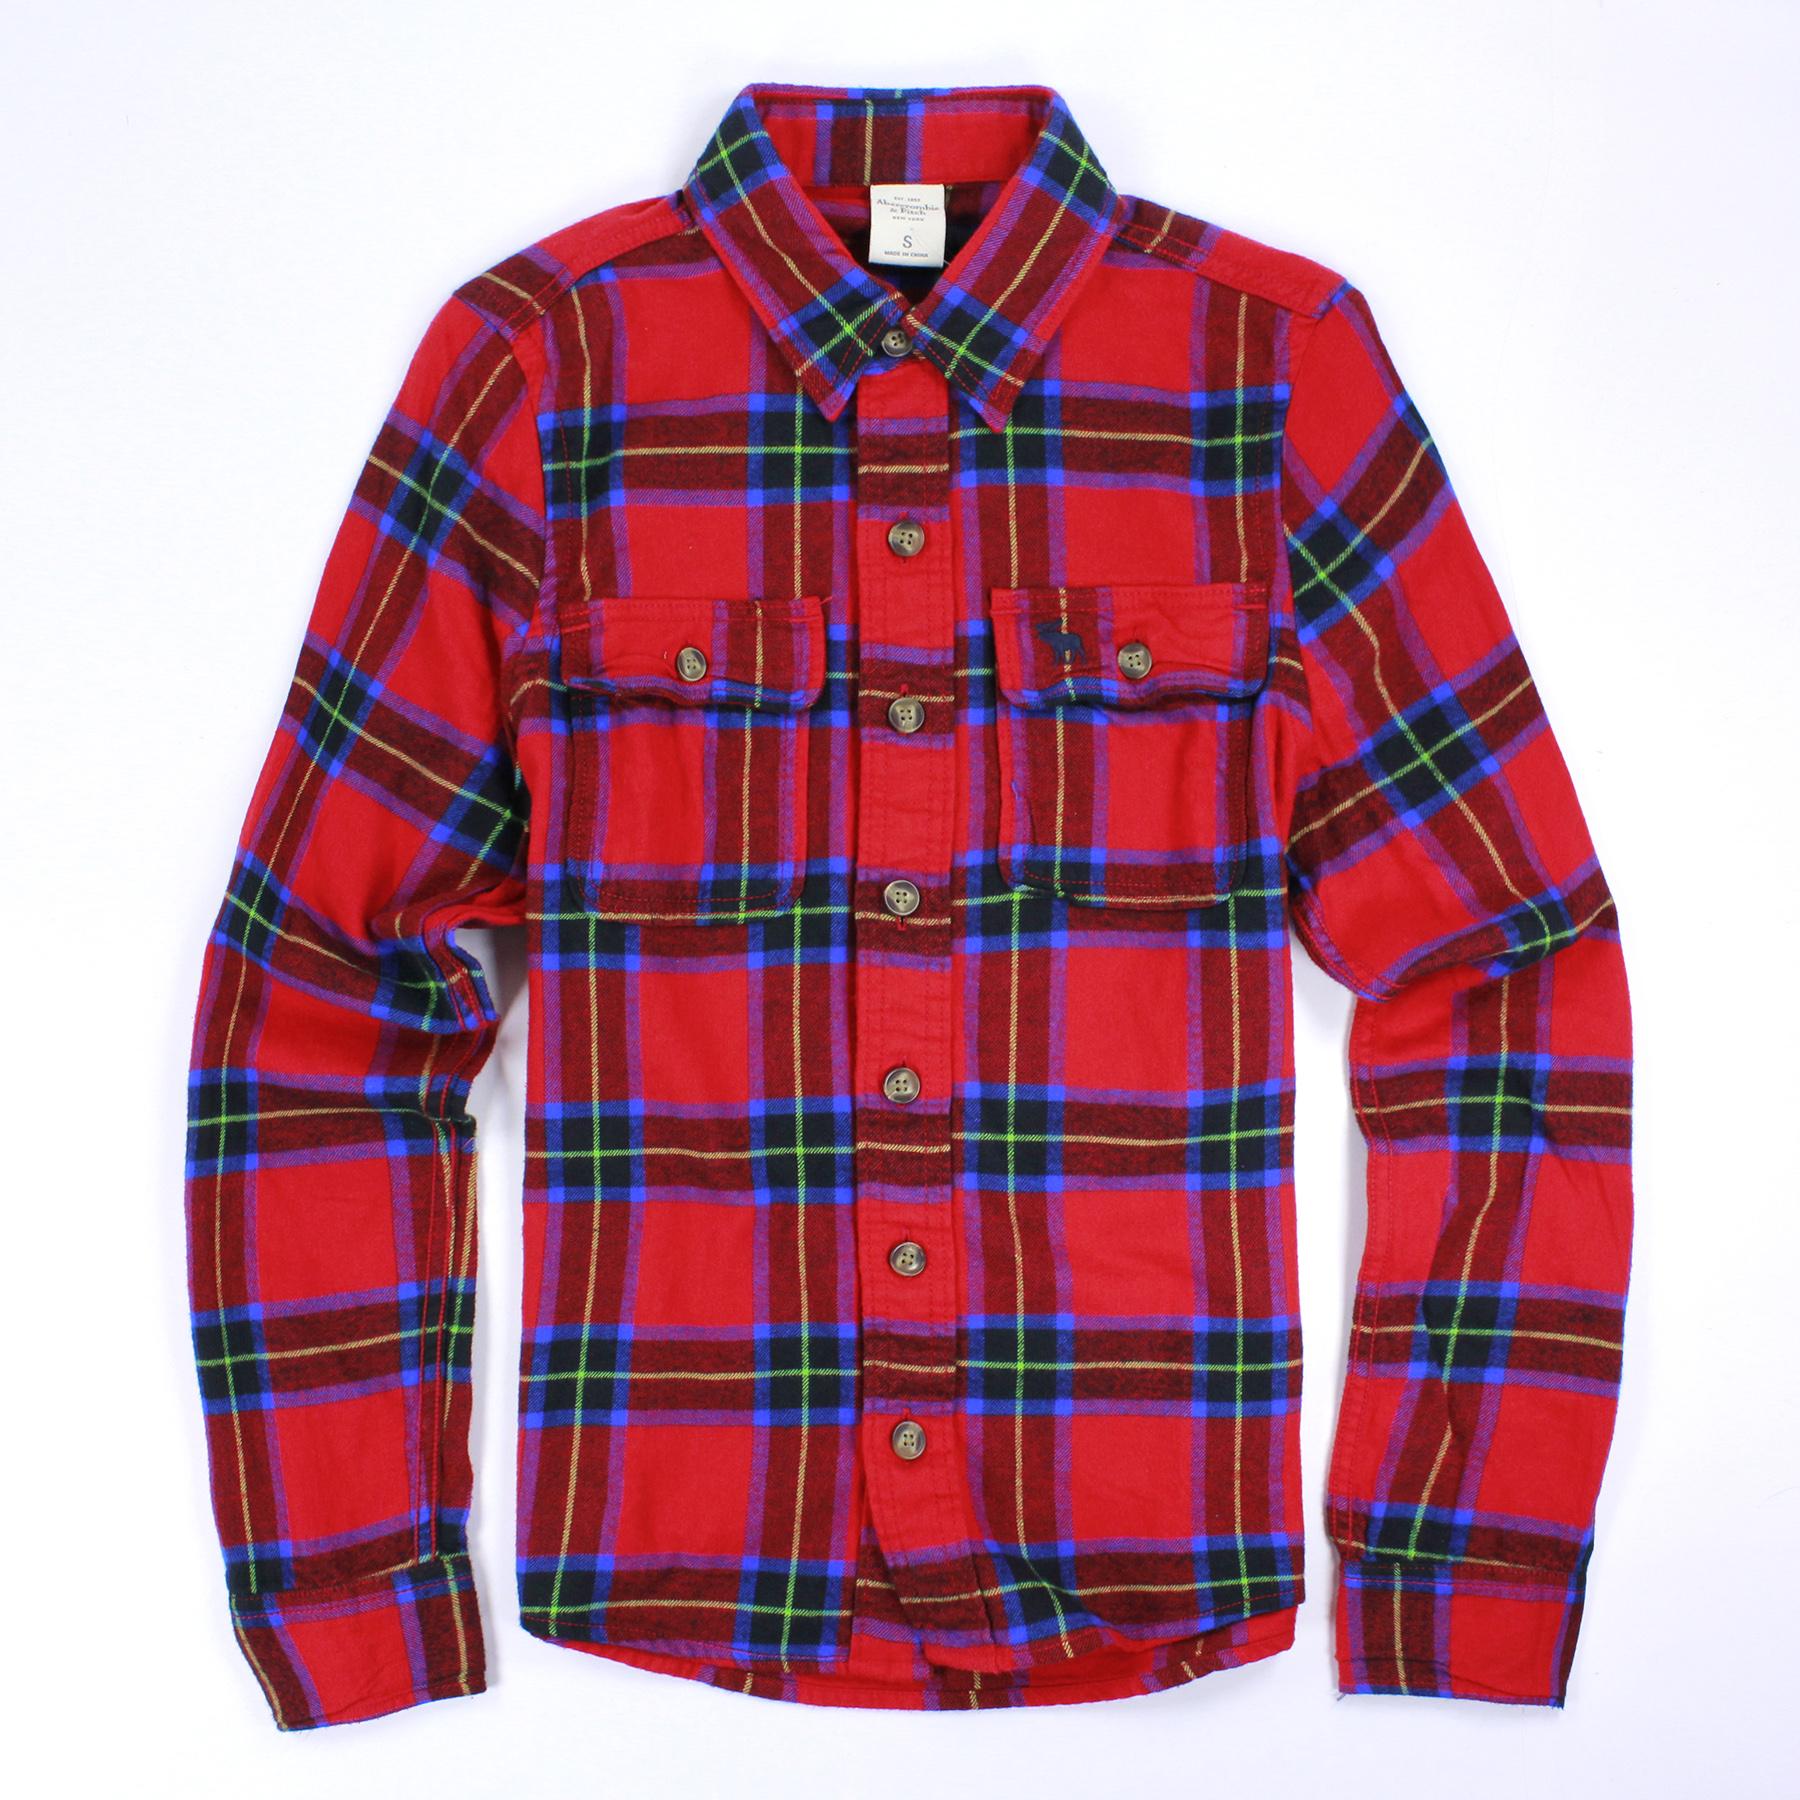 美國百分百【Abercrombie & Fitch】 襯衫 AF 麋鹿 法蘭絨 藍 紅色 格紋 長袖 上衣 S E335